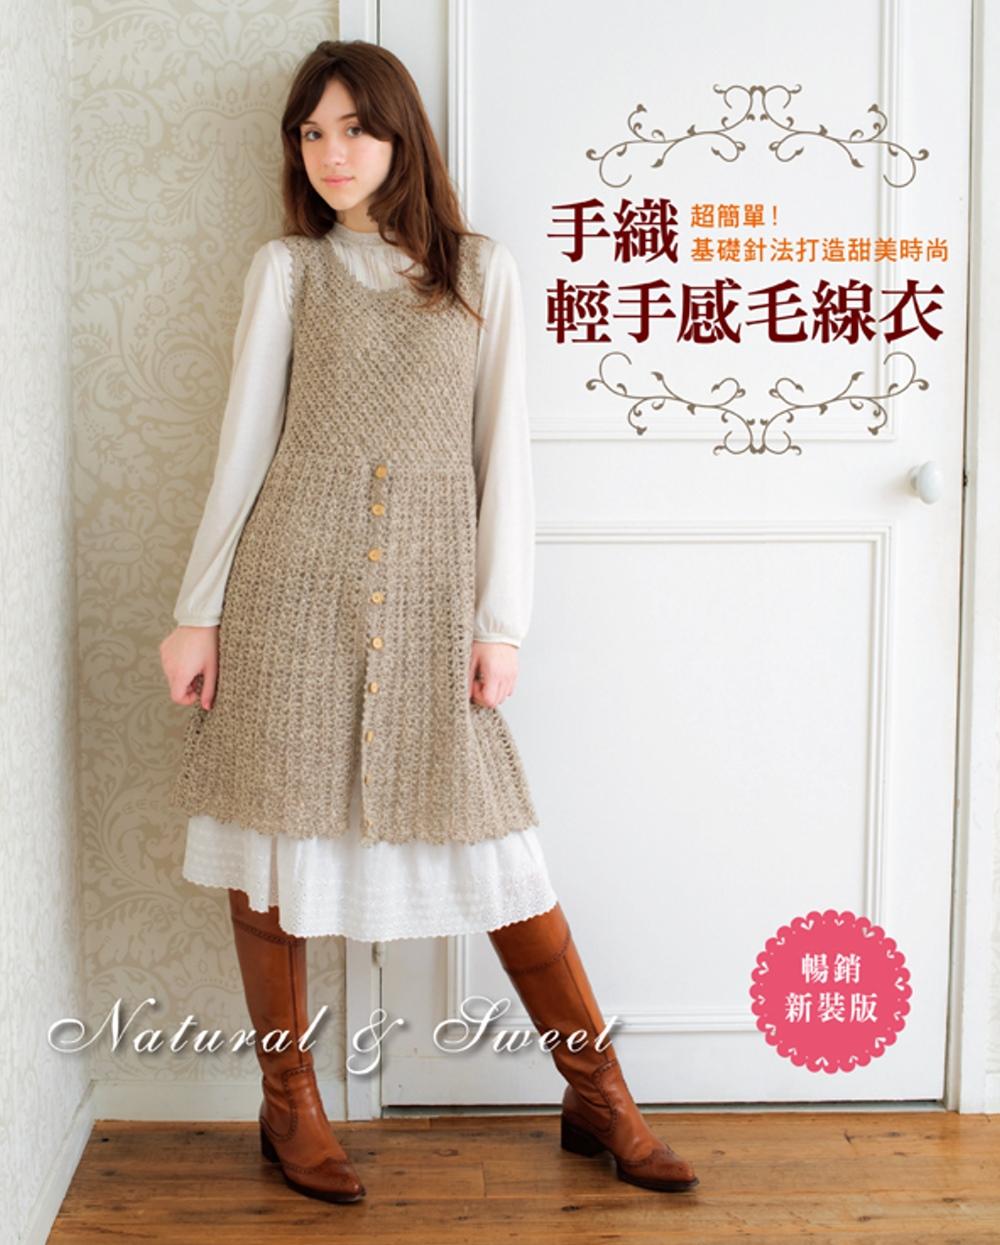 超簡單^!手織輕手感毛線衣:基礎針法打造甜美 〈暢銷新裝版〉